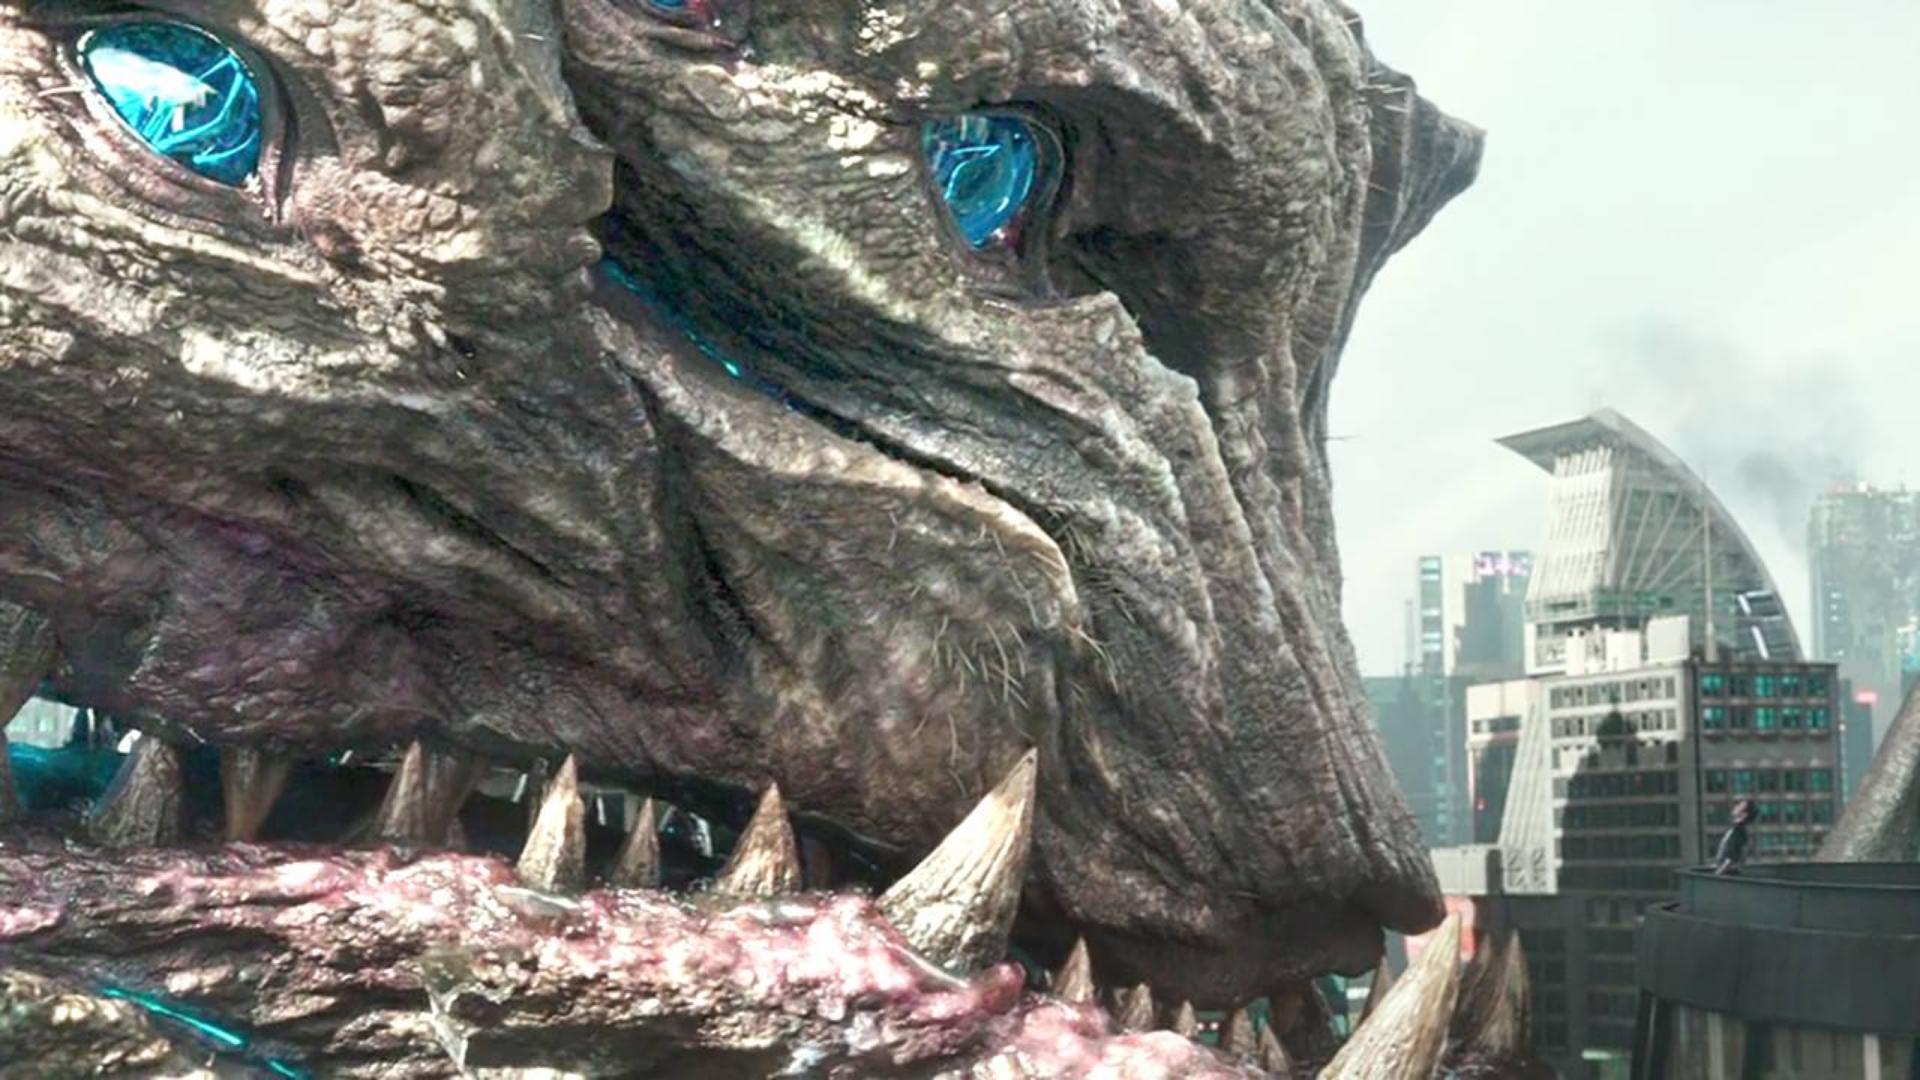 男子计划了10年,将3只异次元怪兽,混合成了一只超级怪物!速看科幻电影《环太平洋:雷霆再起》